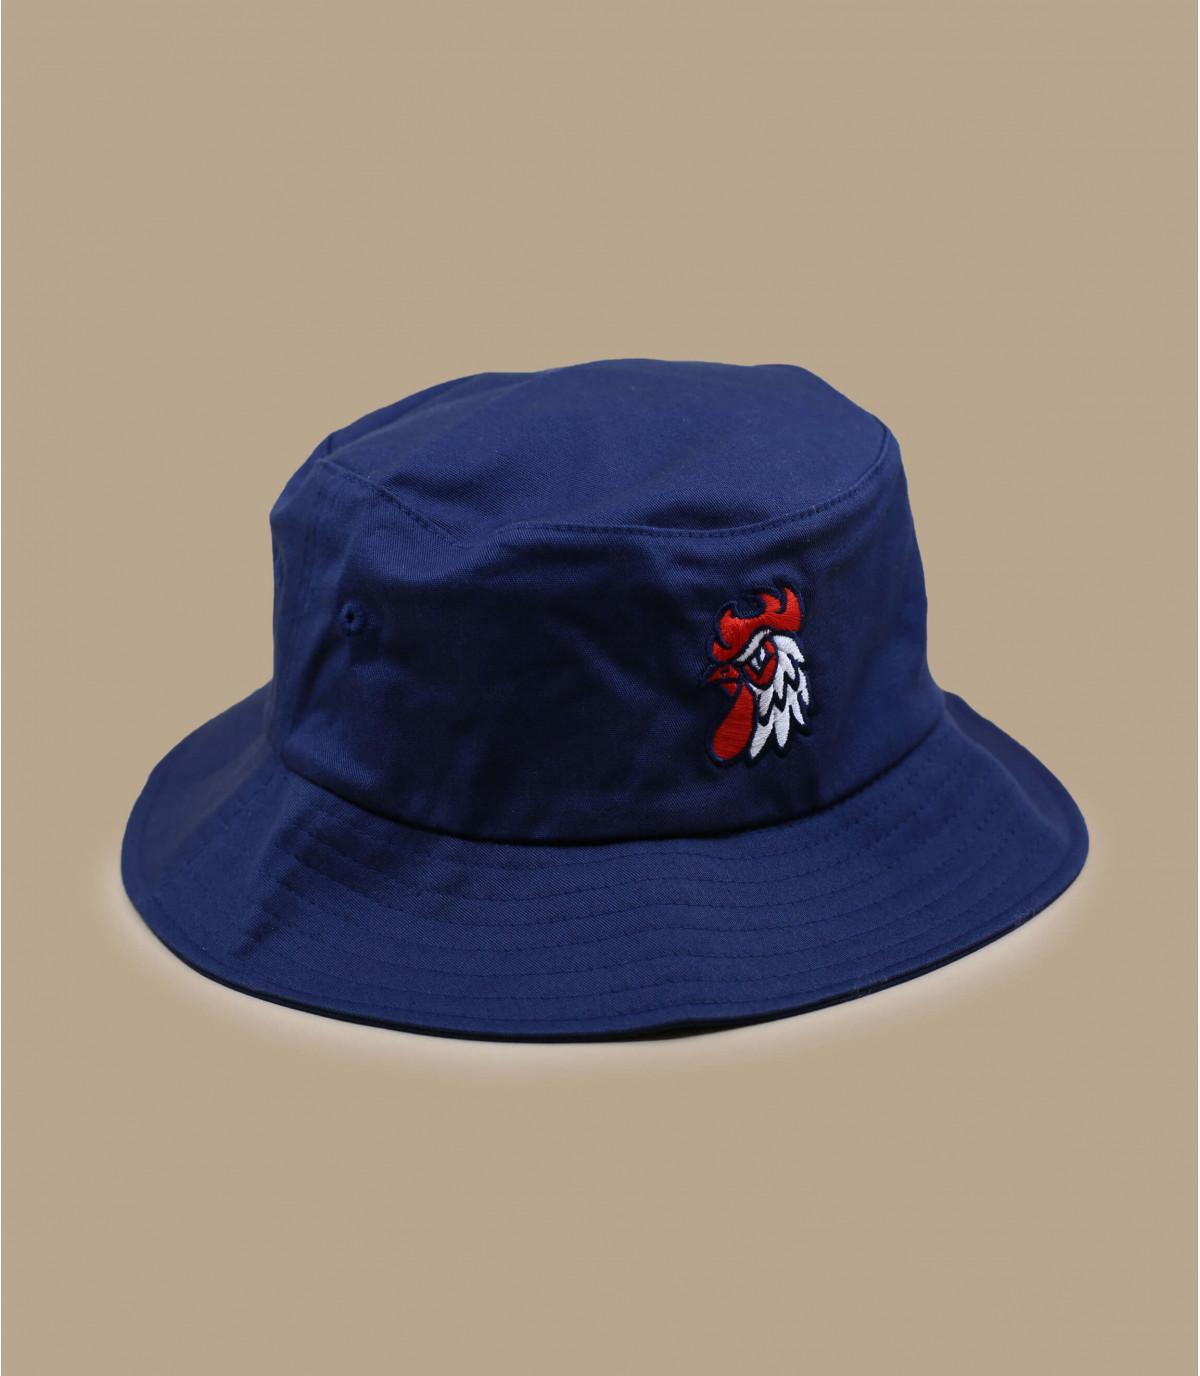 caschetto blu navy